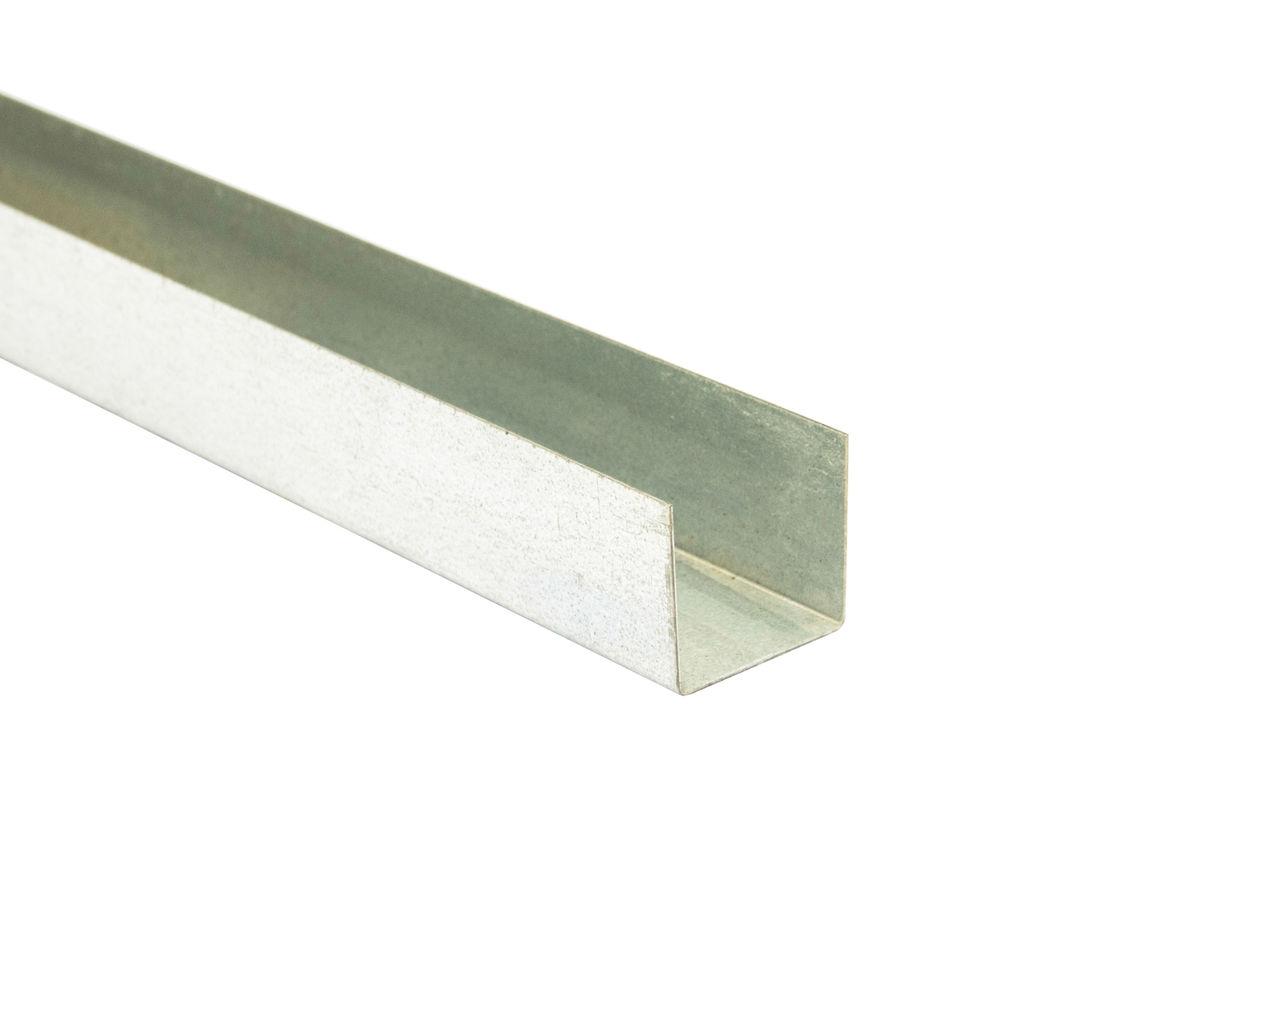 Профиль ПН 27x28 3м, Тиги-Кнауф, толщ. 0.6мм